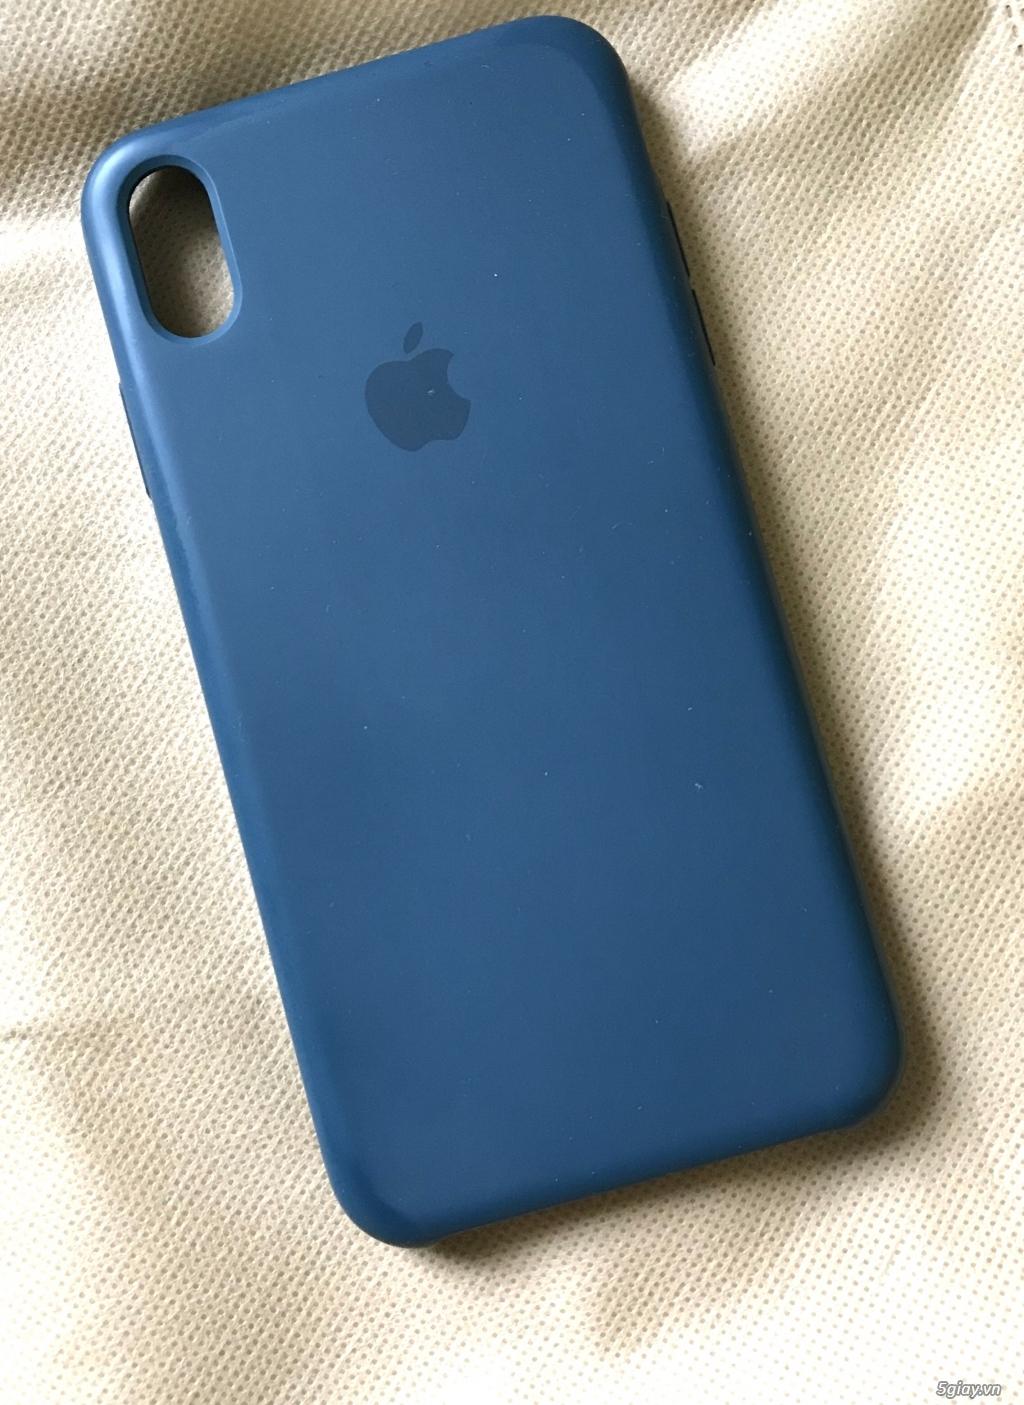 Ốp lưng iphone xsmax màu xanh dương